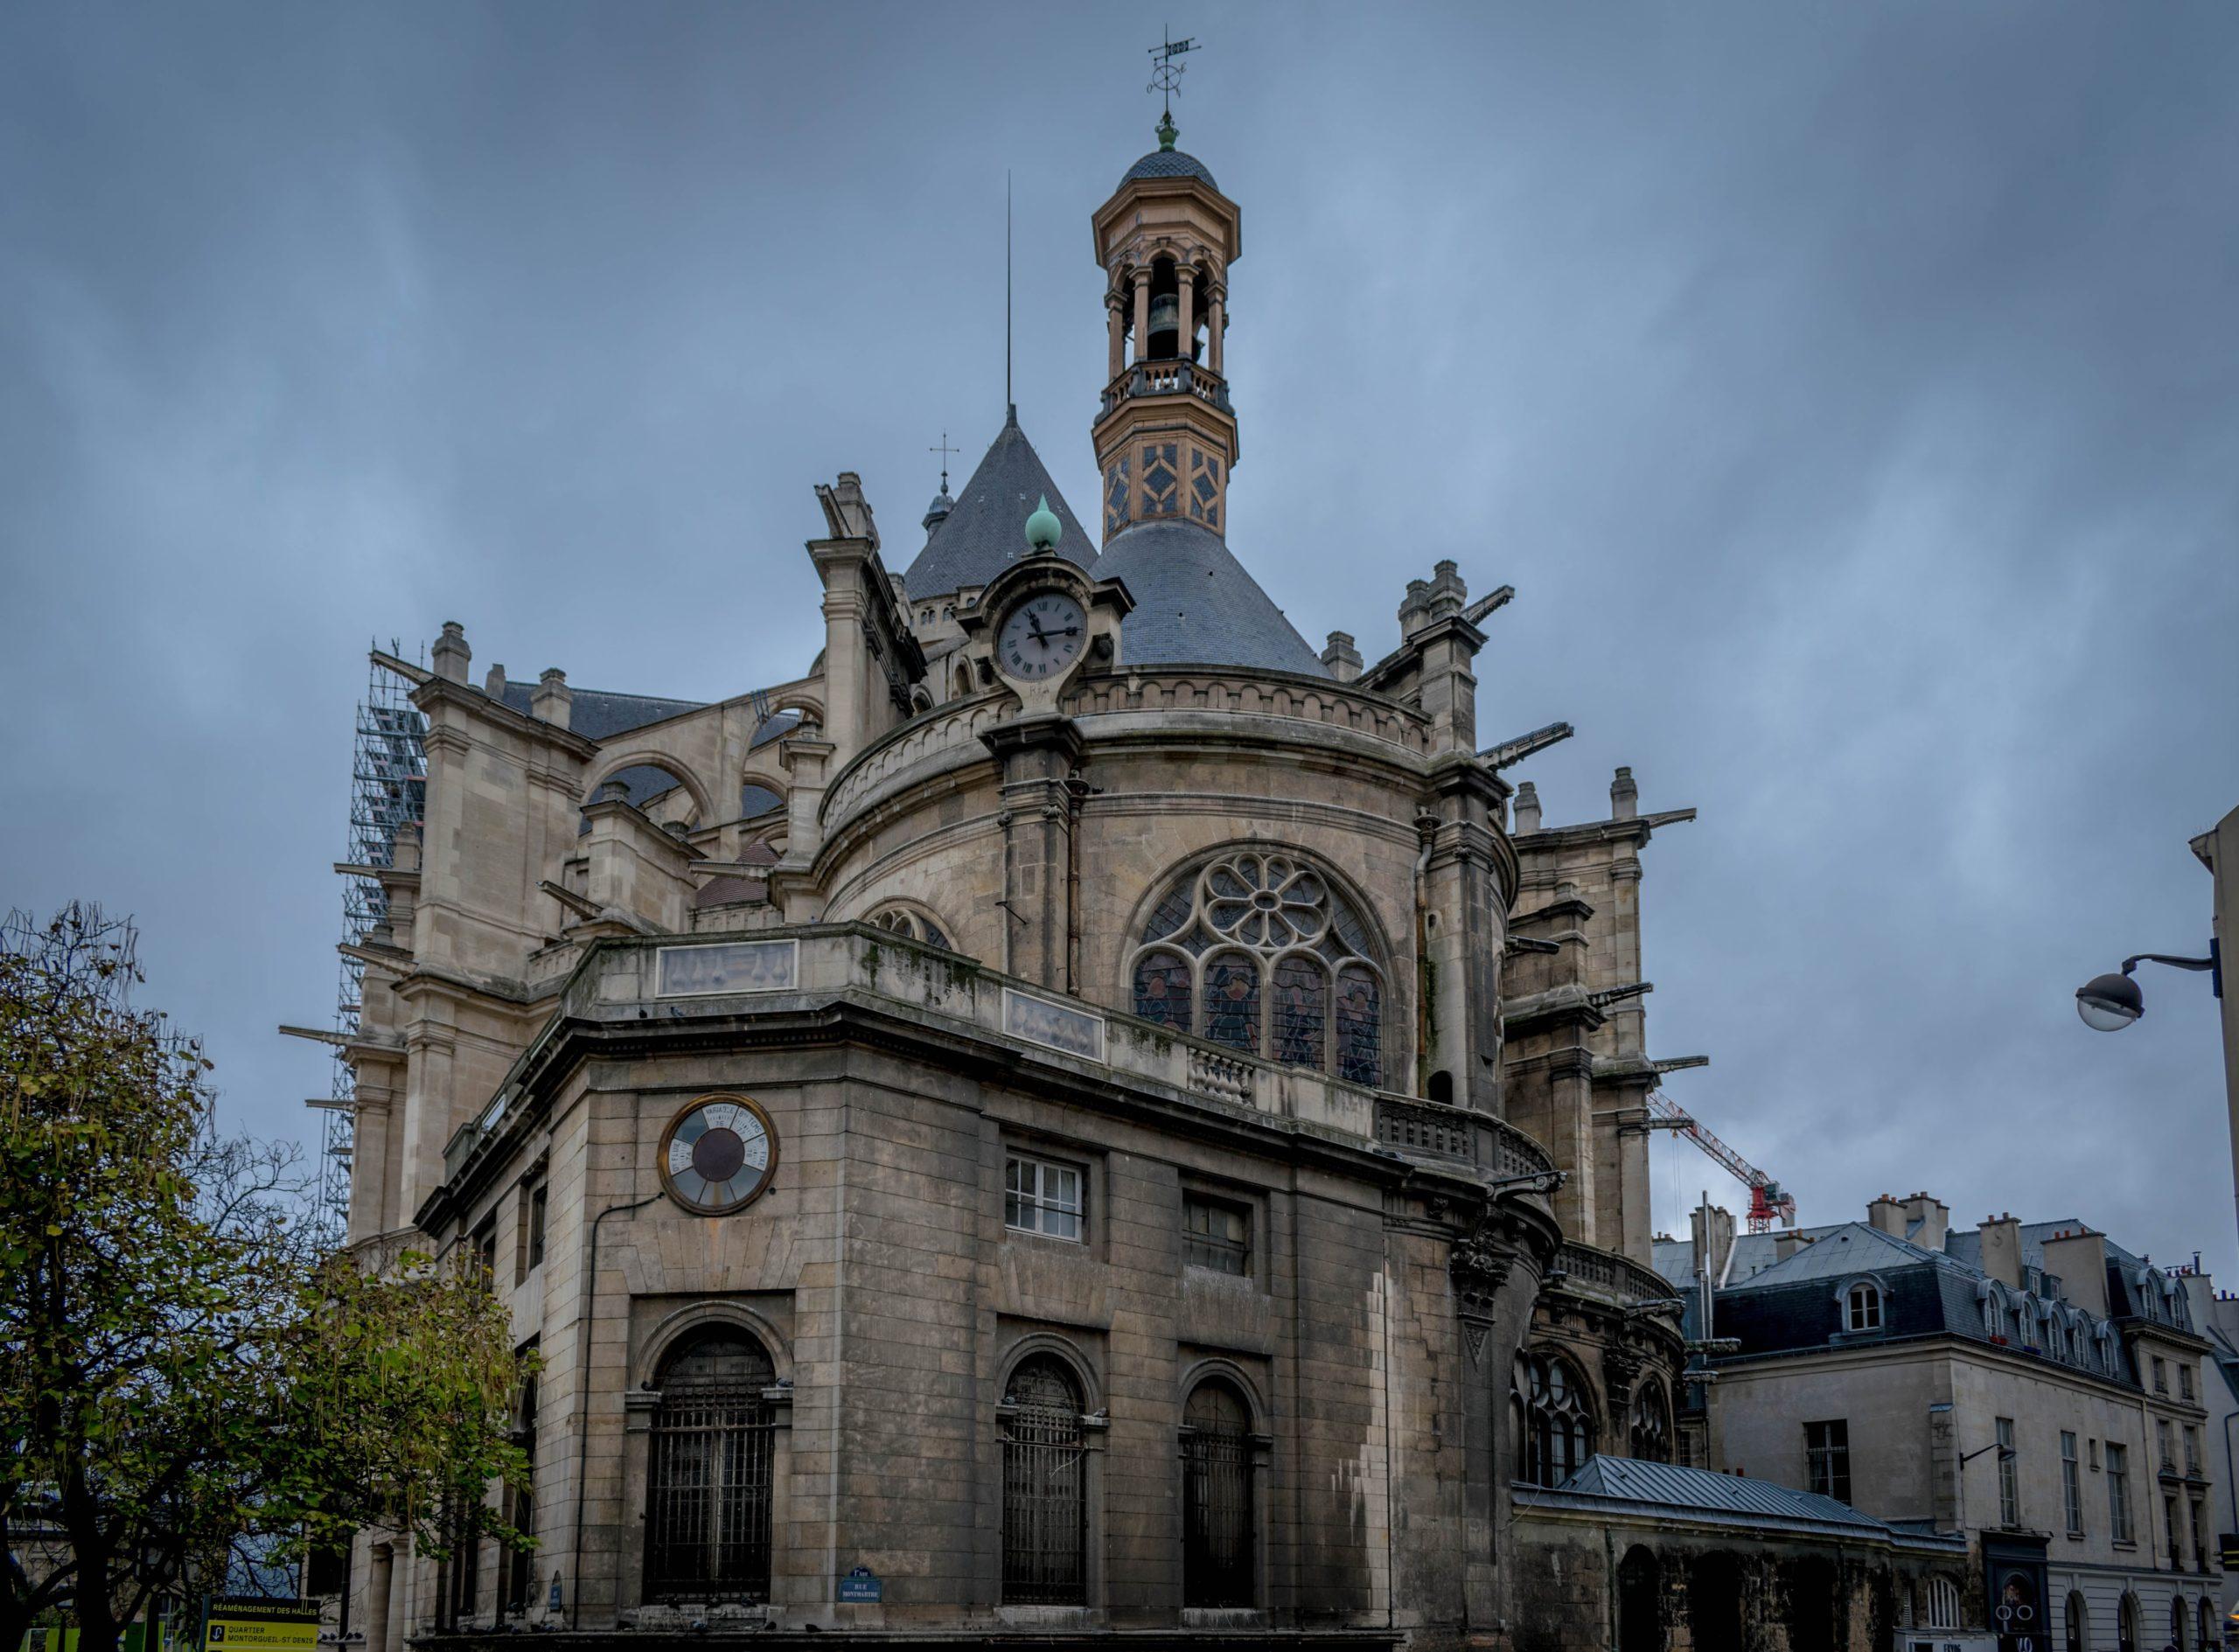 Eglise St Eustache